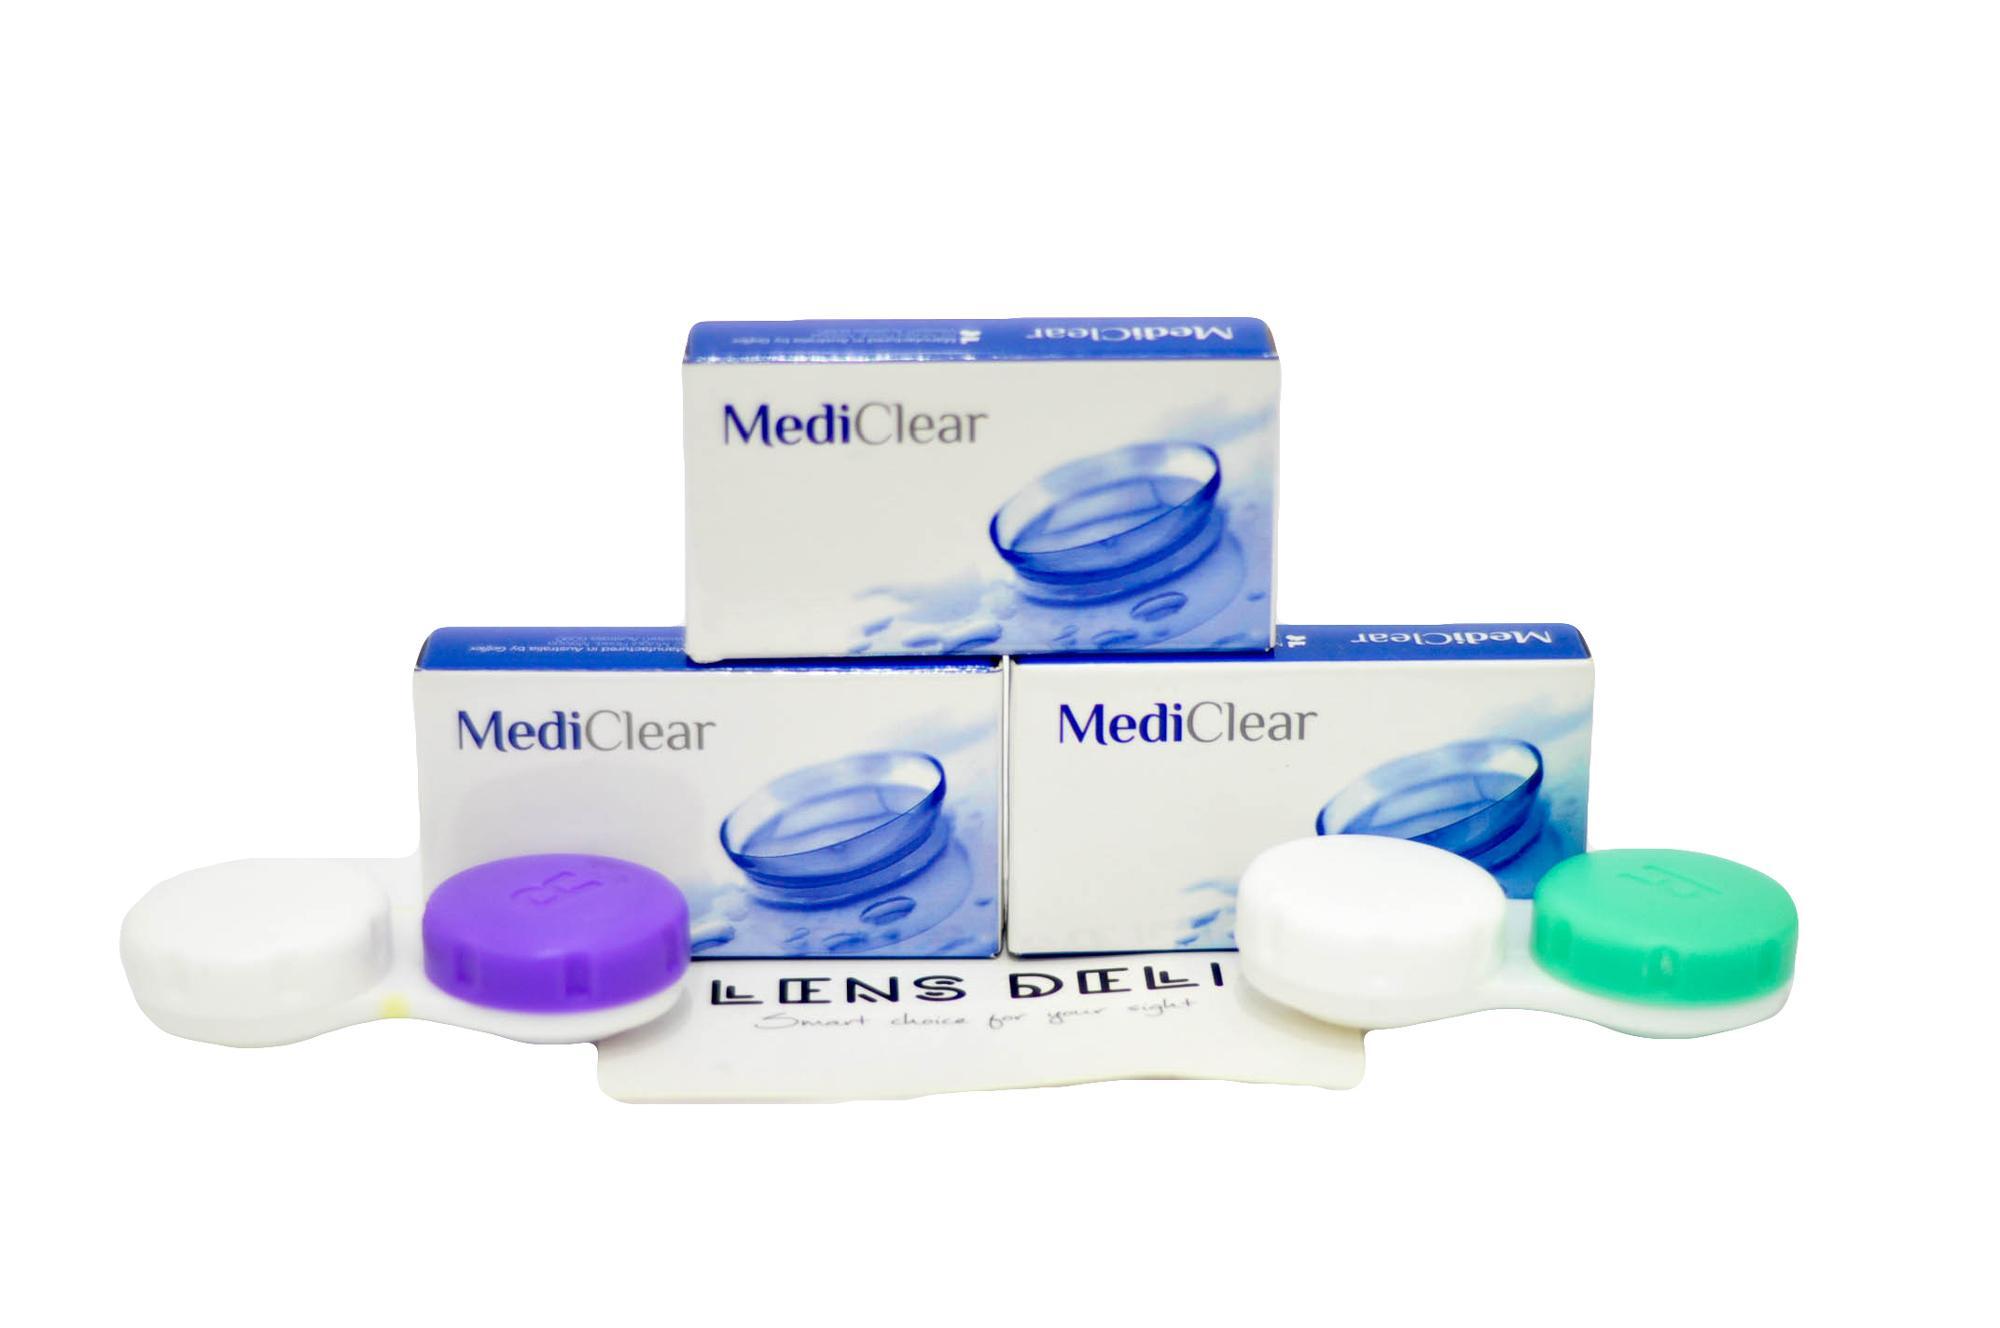 Kính áp tròng MediClear siêu mềm mỏng 0.05mm xx Úc – Trong suốt (tặng kèm khay đựng kính) Nhật Bản